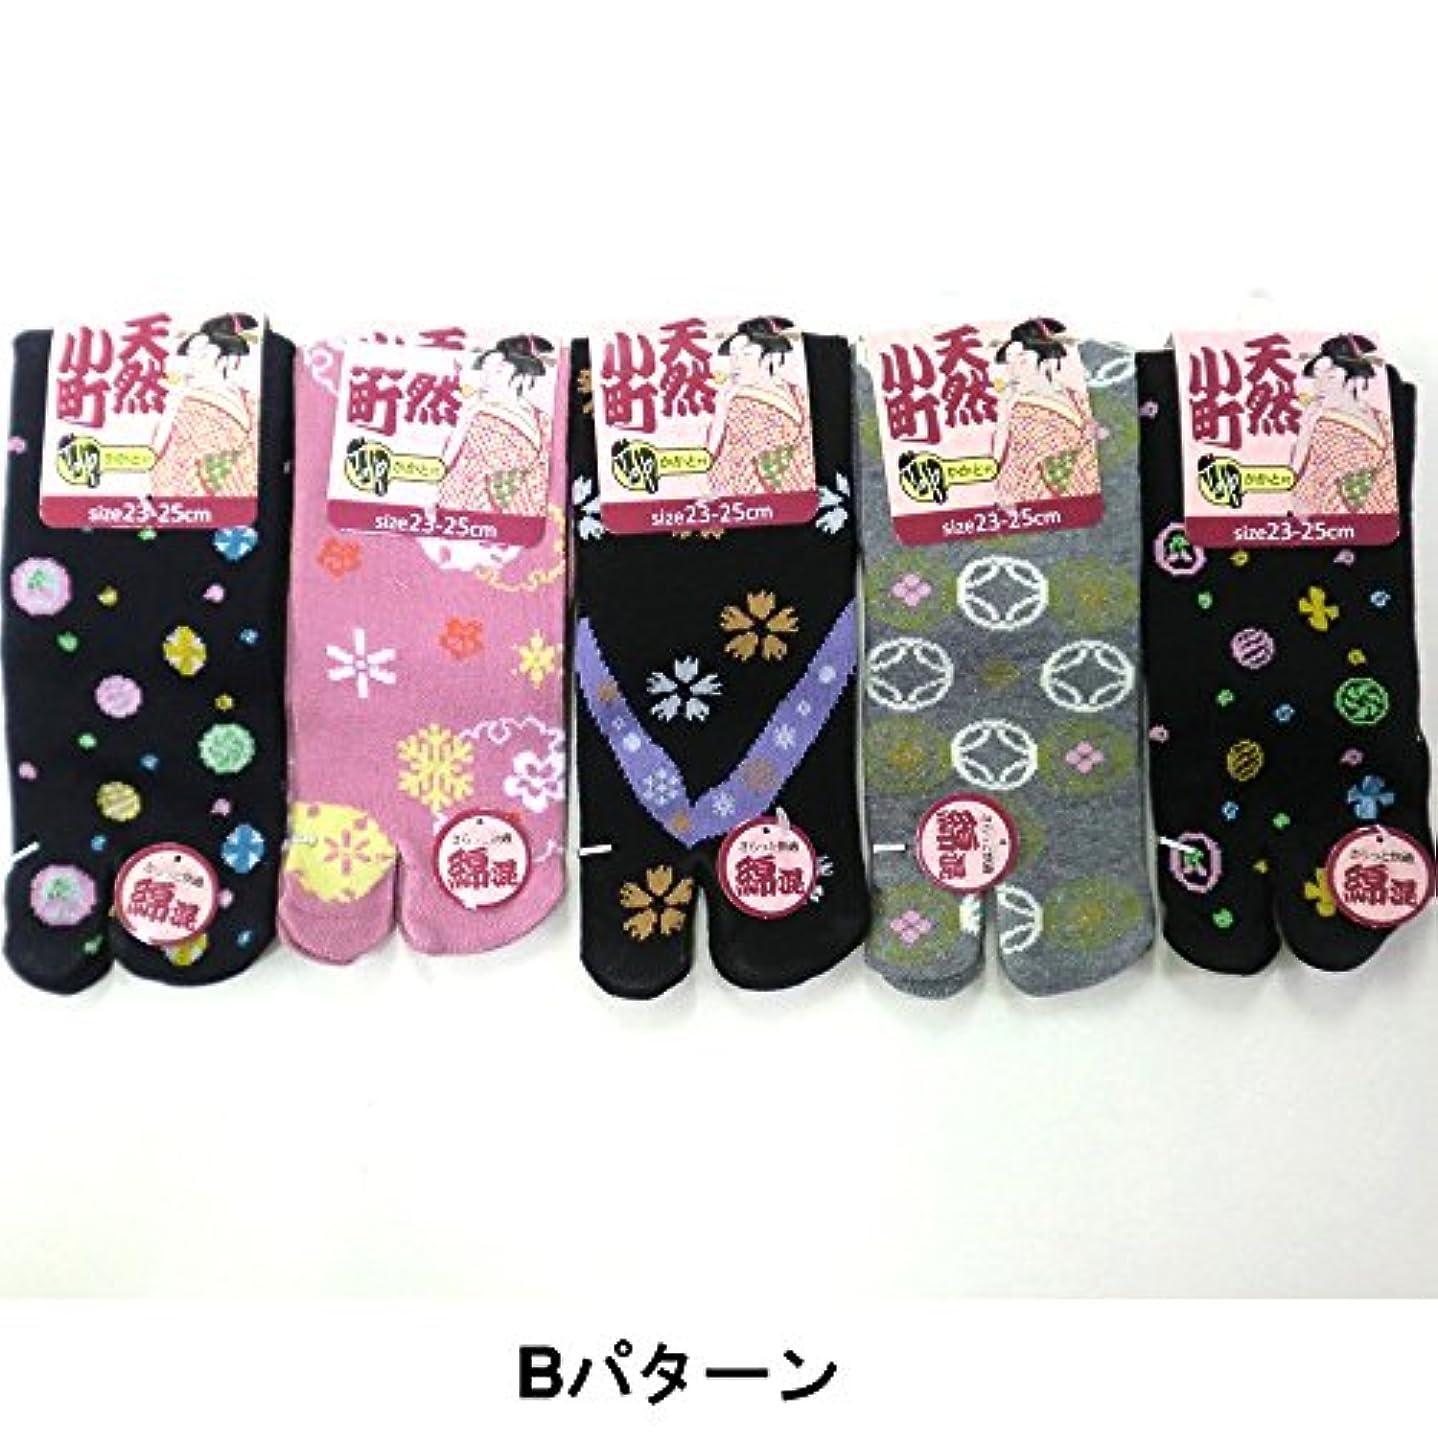 サイズ高尚な楽しい足袋 ソックス レディース 和柄 かわいい 綿混 ショート丈 23-25cm お買い得5足セット (Bパターン)